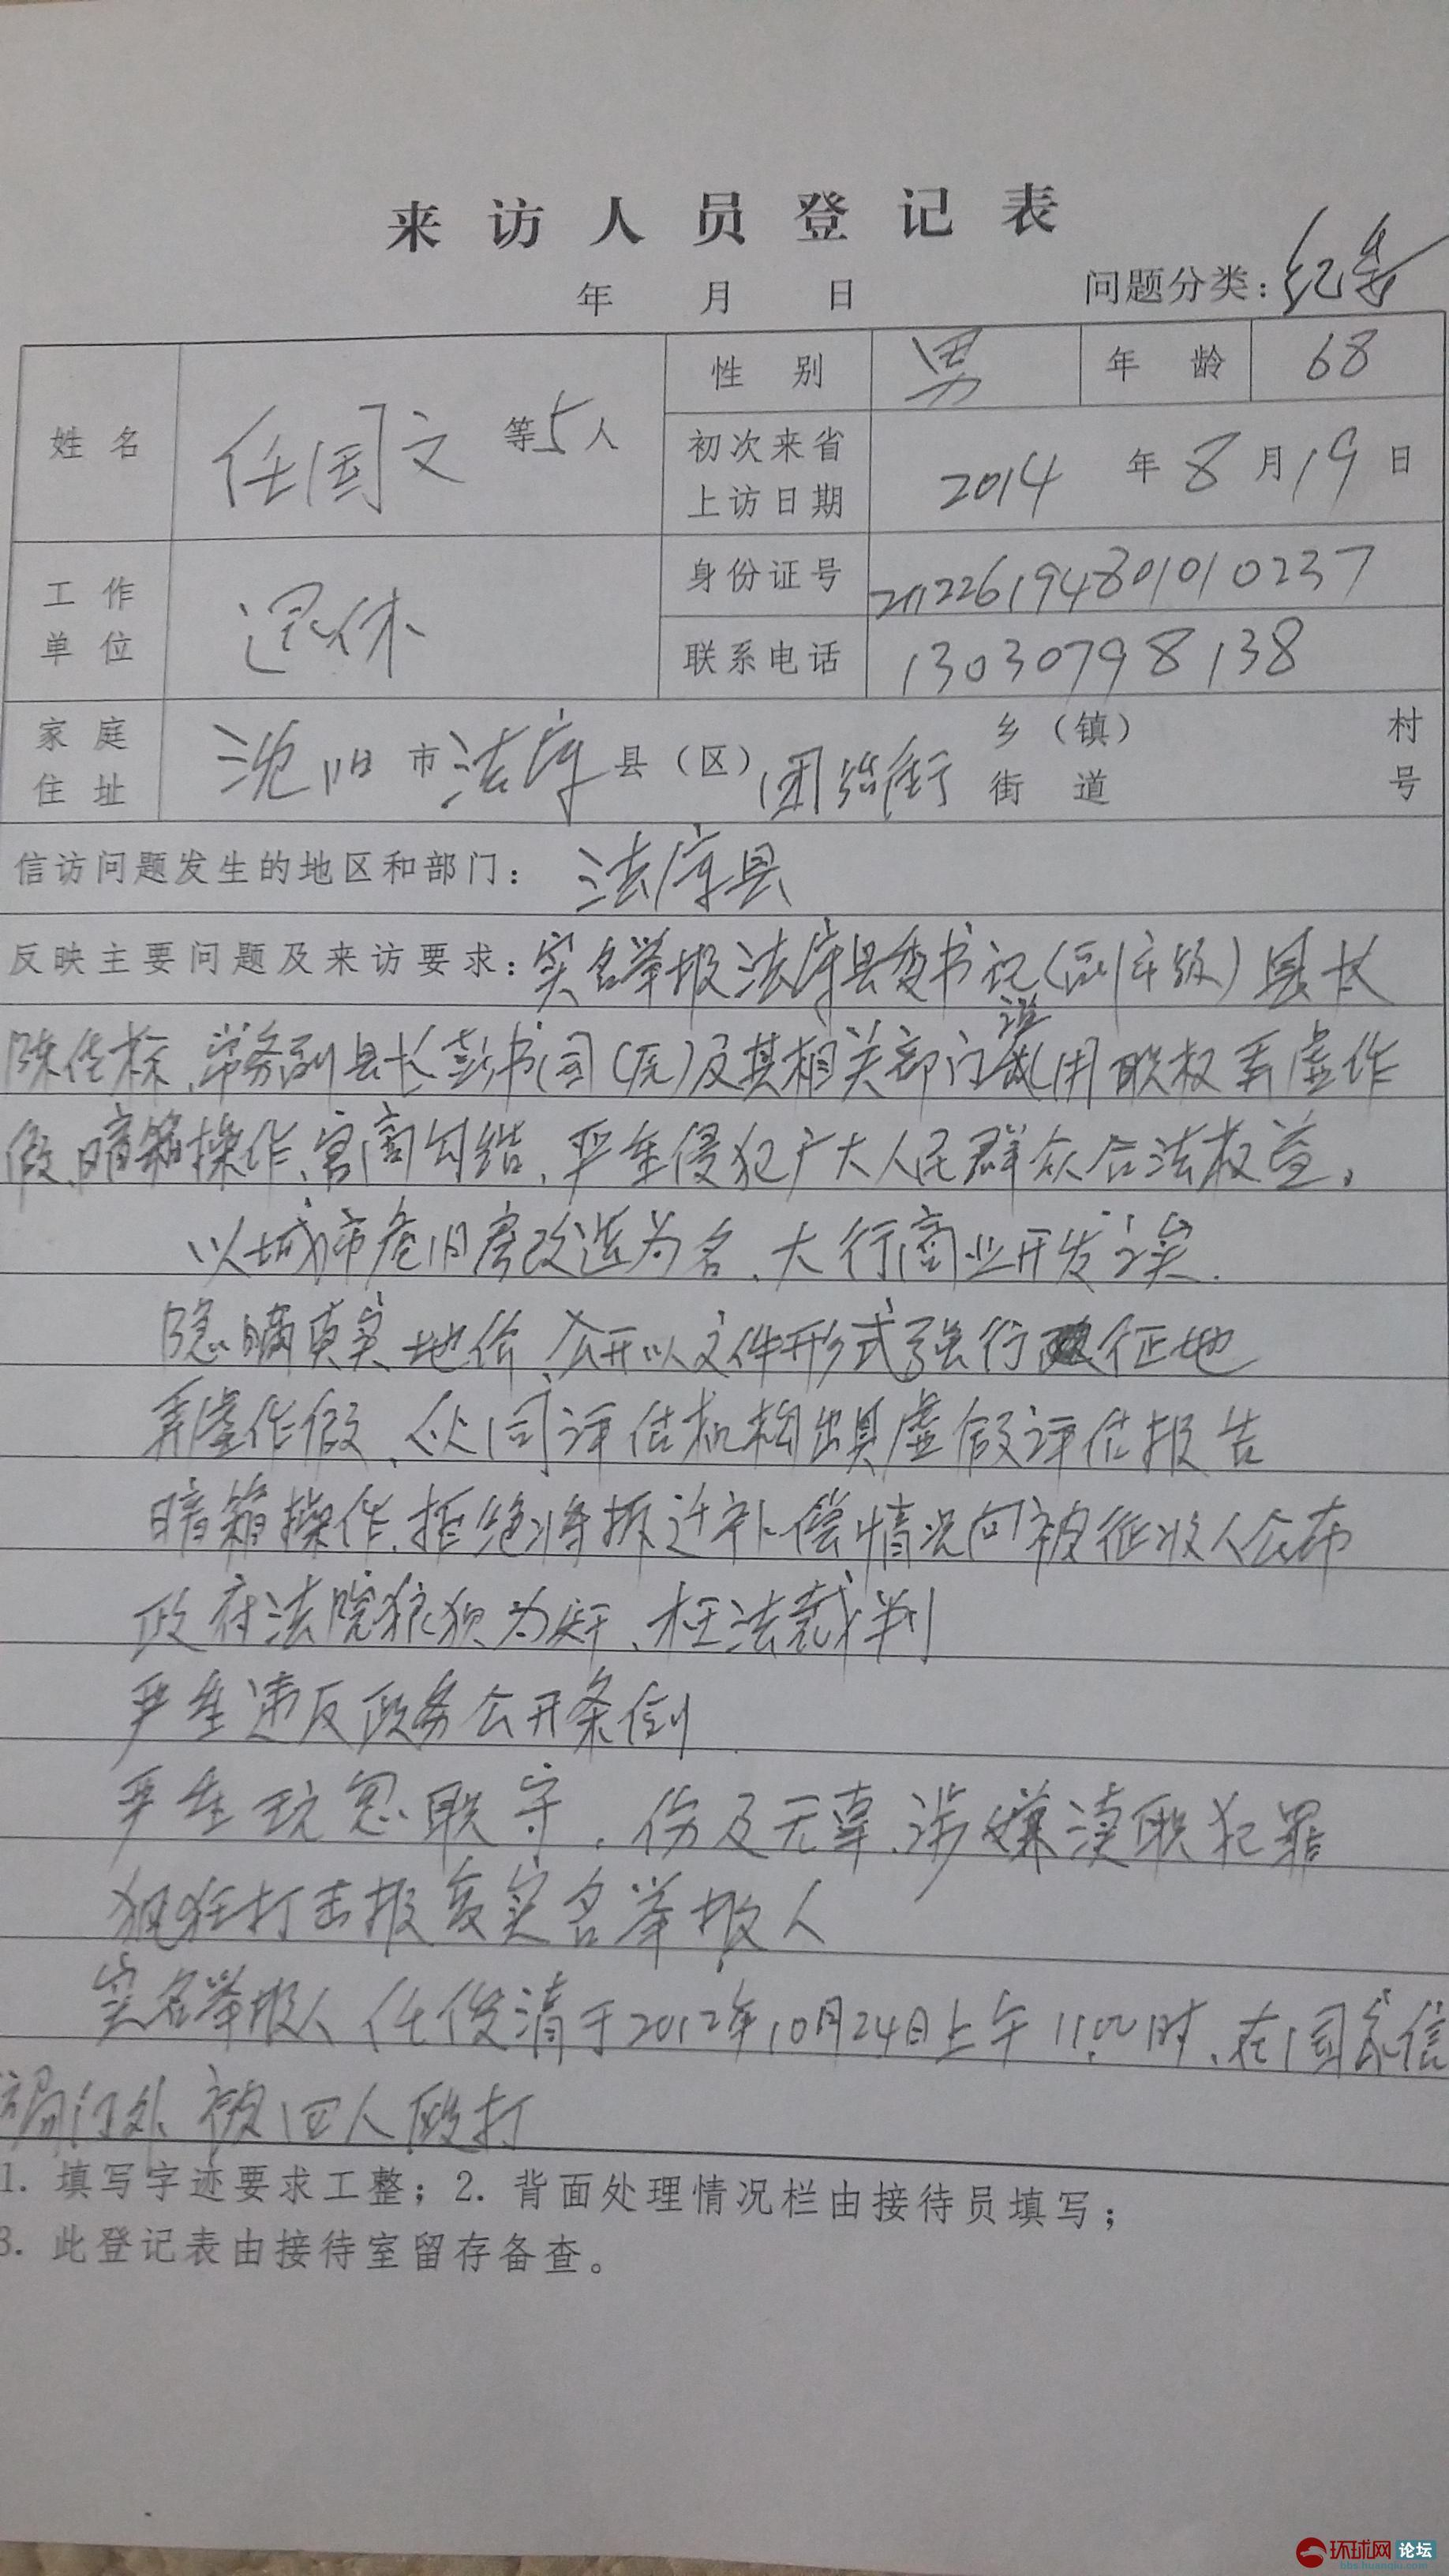 辽宁省纪委登记表